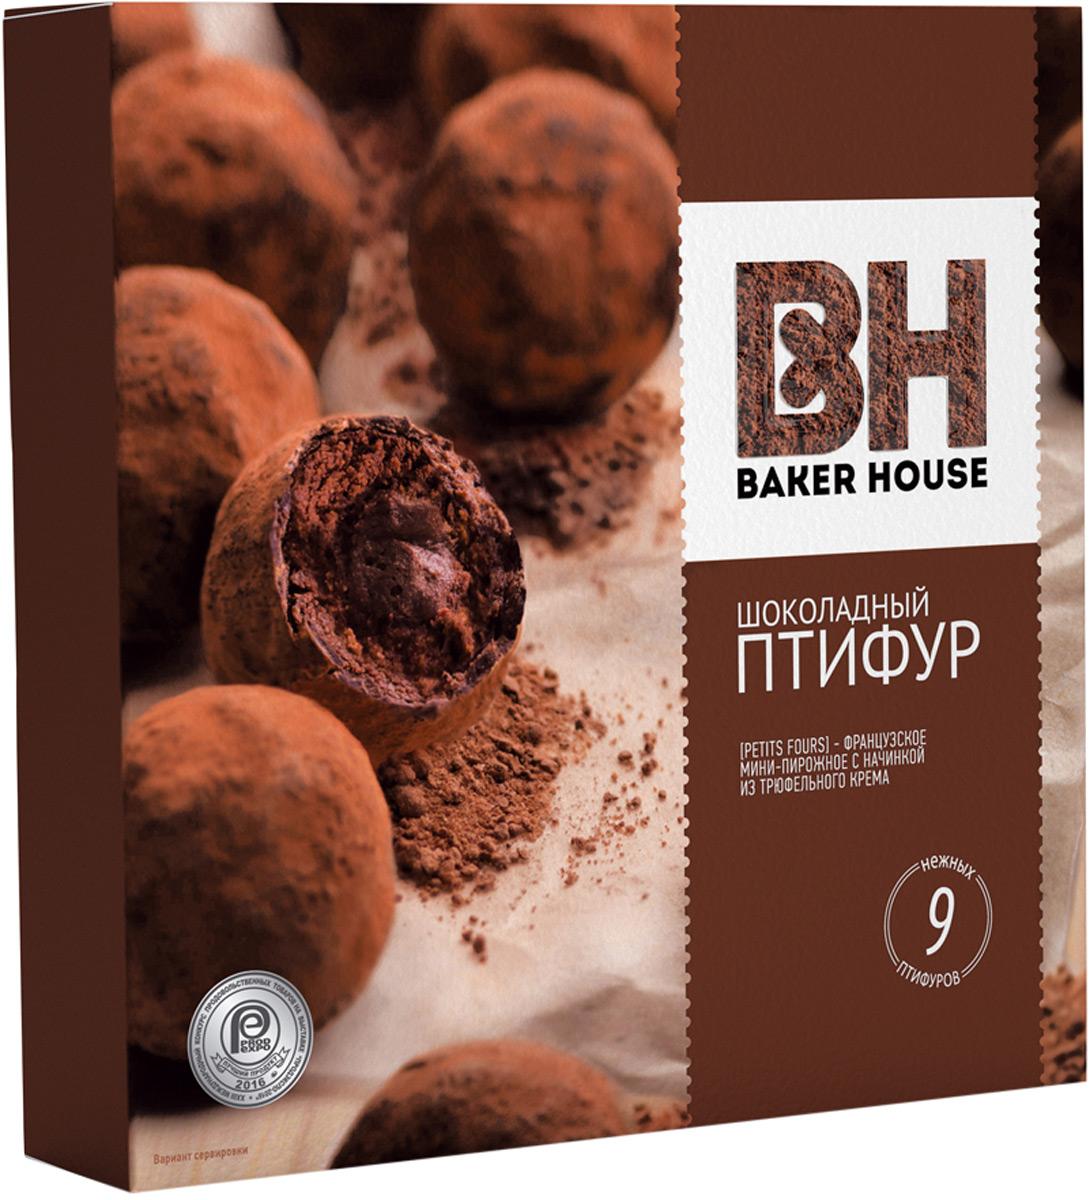 Baker House Птифур пирожные с трюфельным кремом, 225 г baker house птифур пирожные карамель с арахисом 225 г